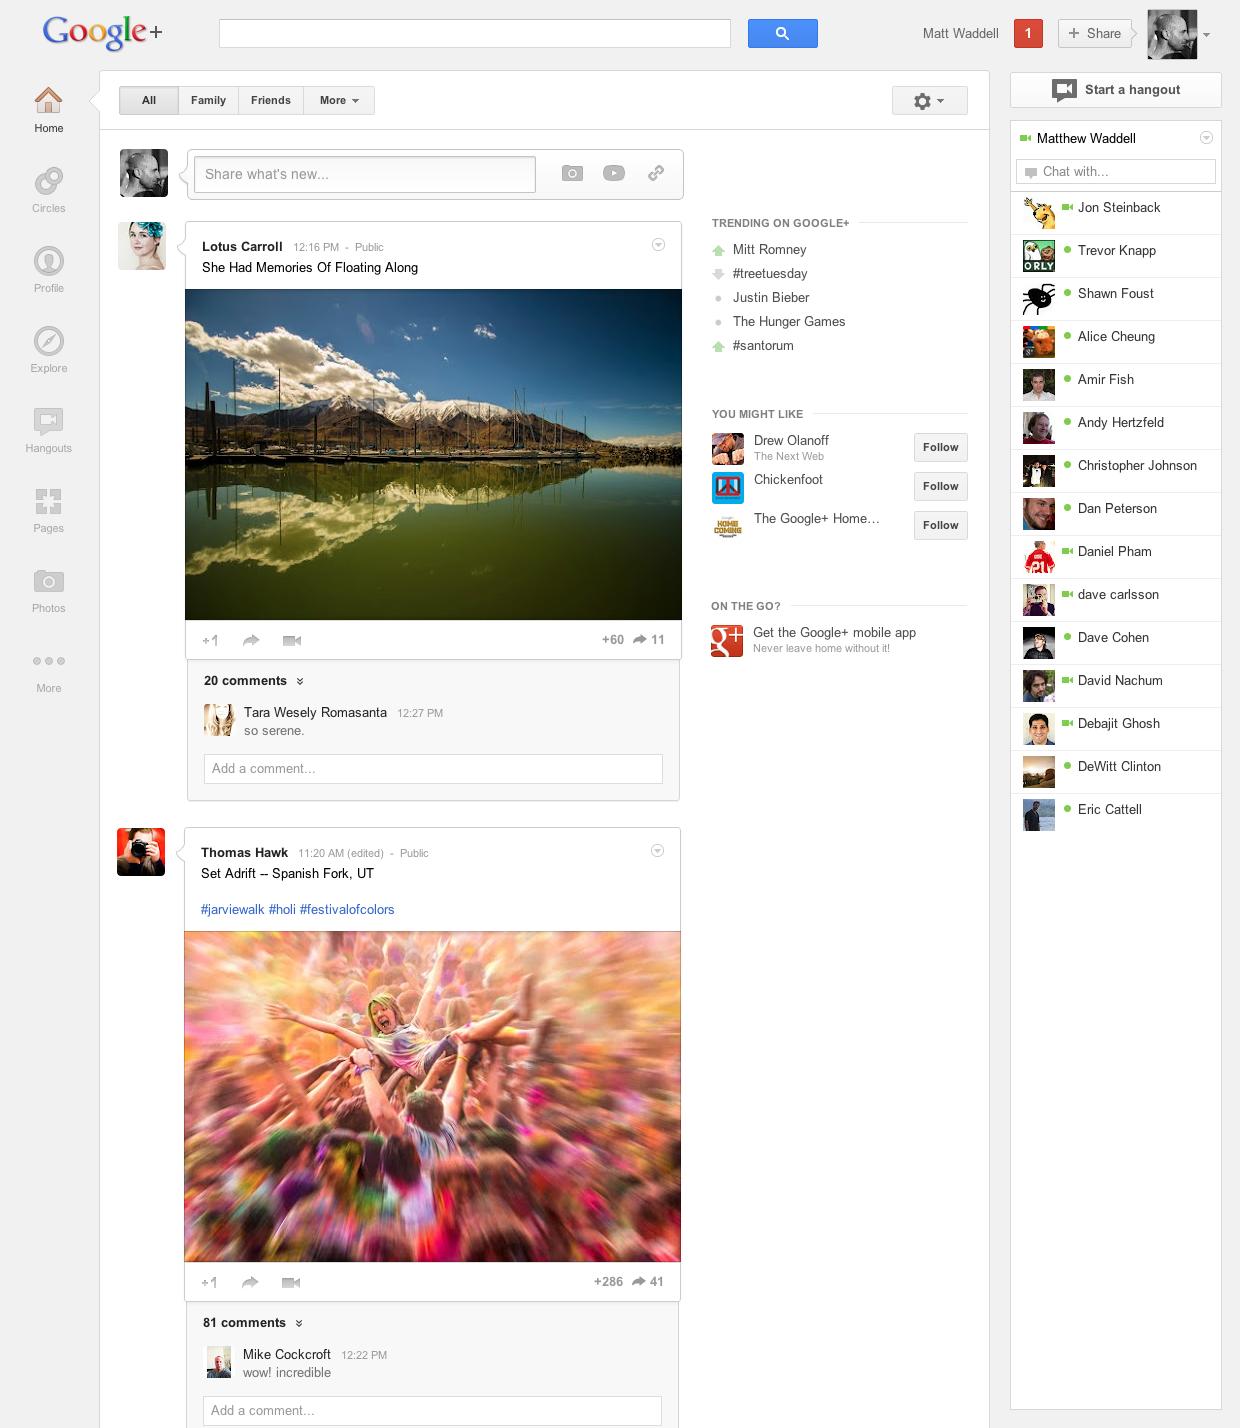 Google + एक नया सरल डिज़ाइन प्राप्त कर रहा है।